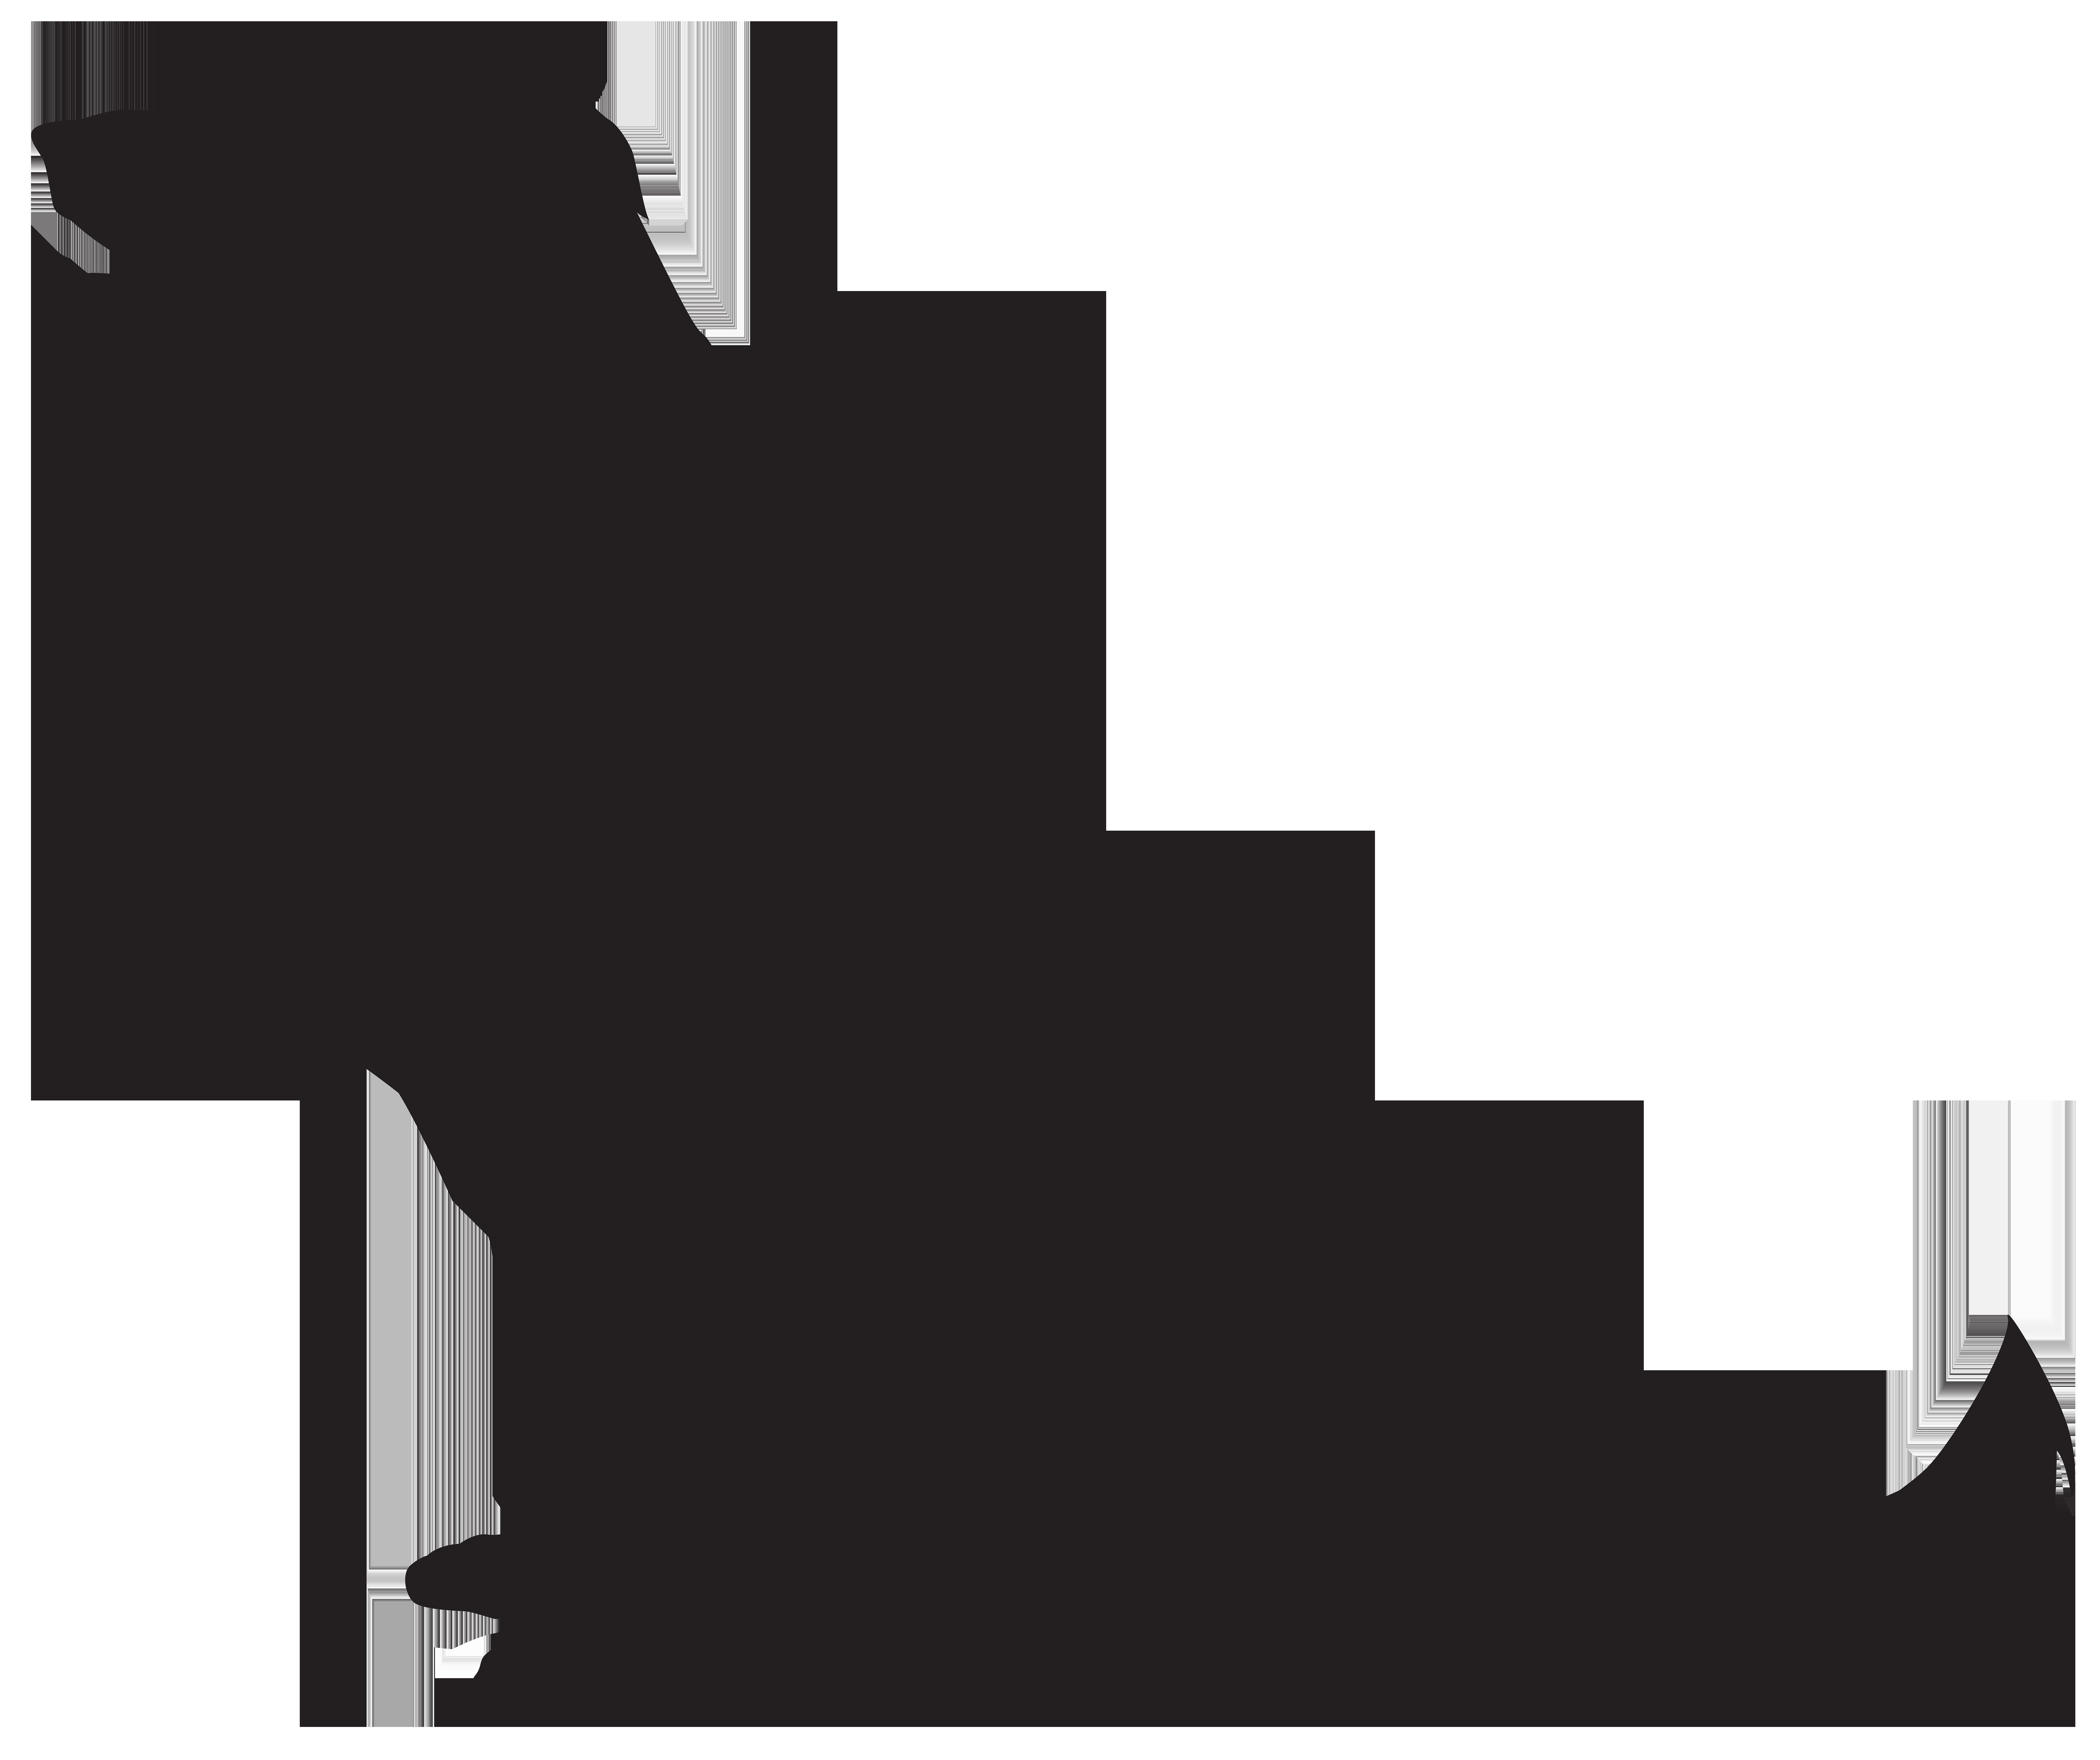 8000x6706 Pug clipart silhouette